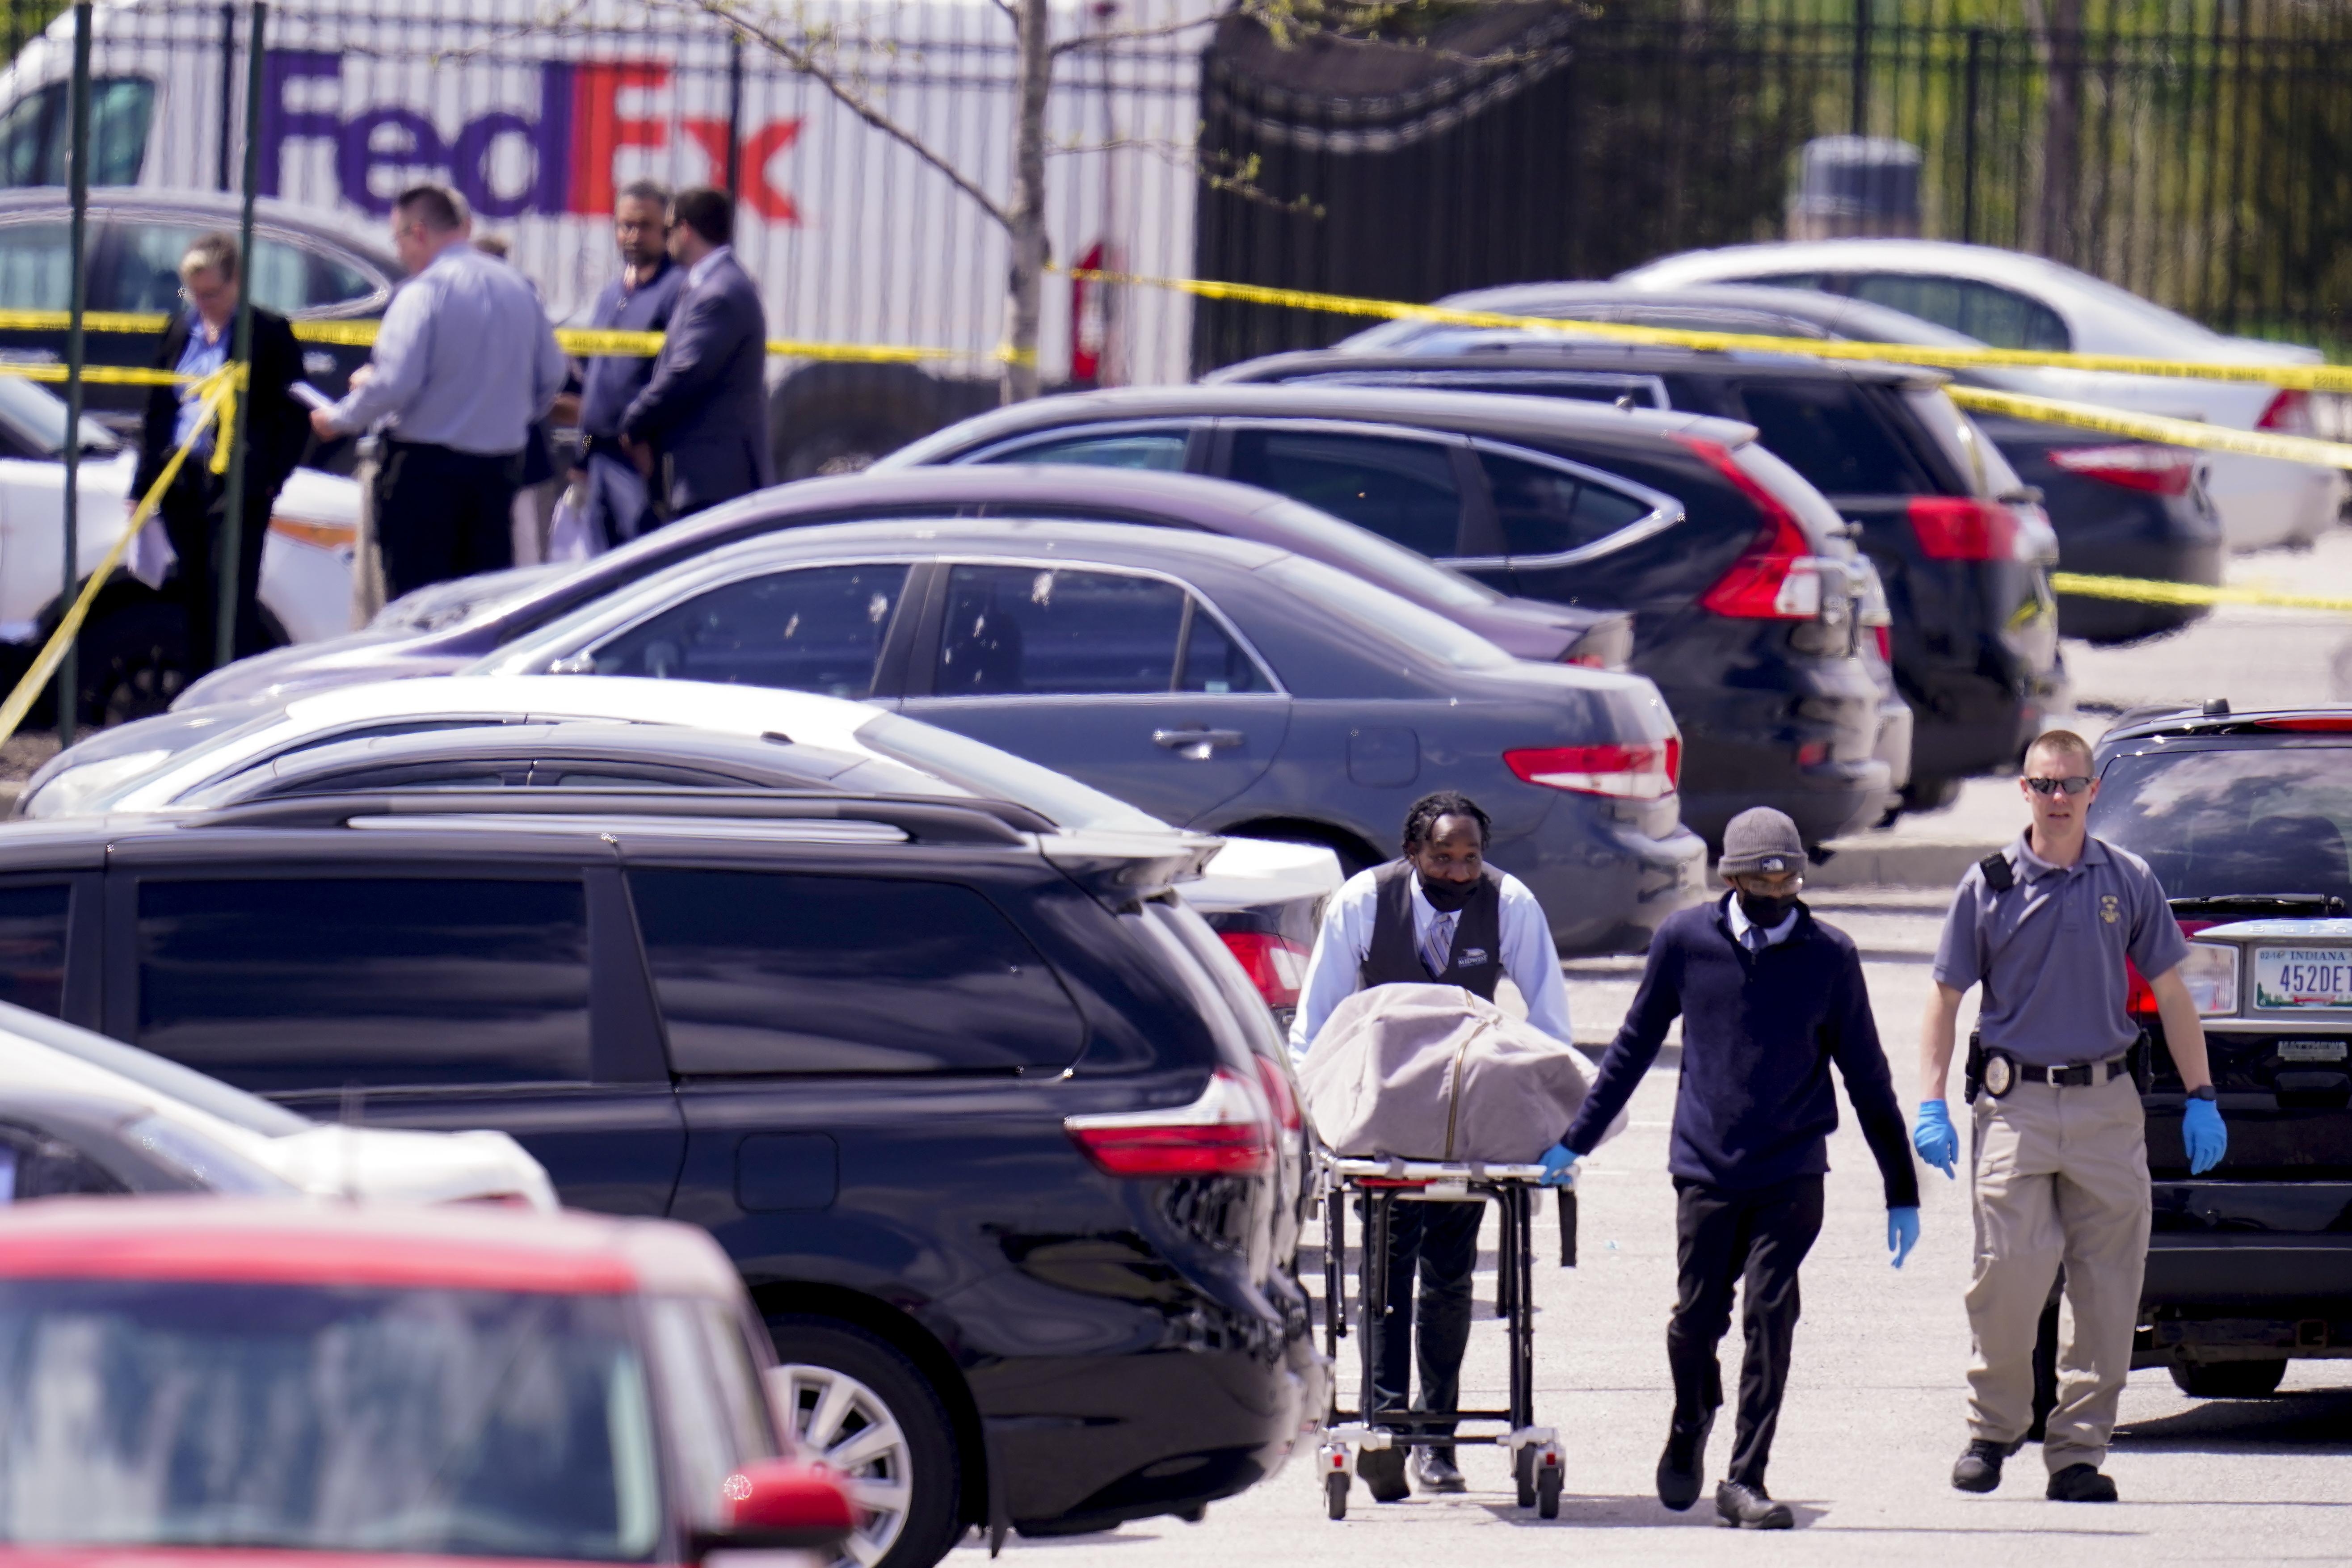 El cuerpo de una de las víctimas del tiroteo es trasladado desde el lugar de los hechos.